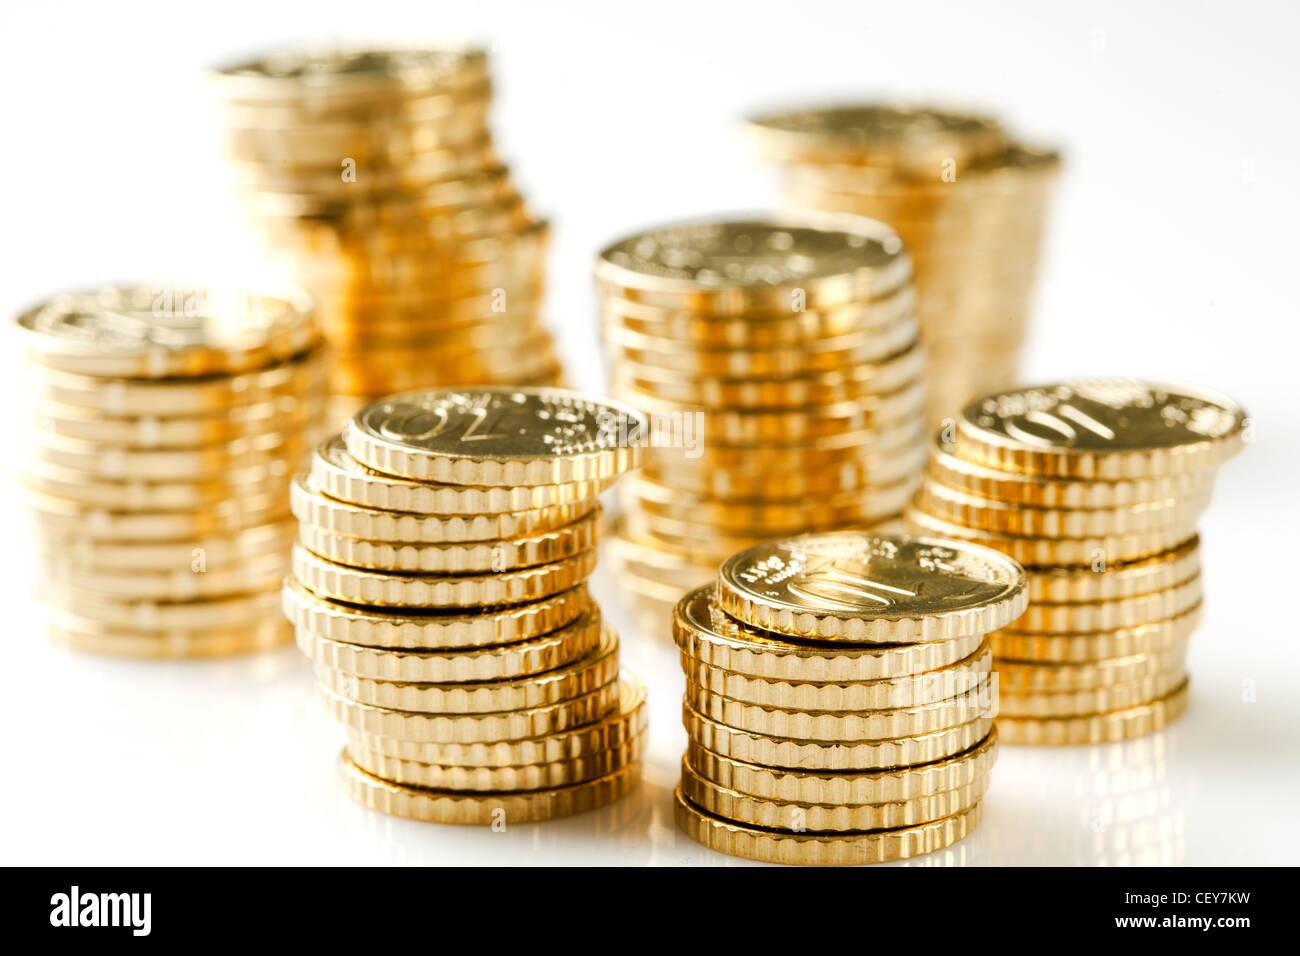 monete d'oro Immagini Stock